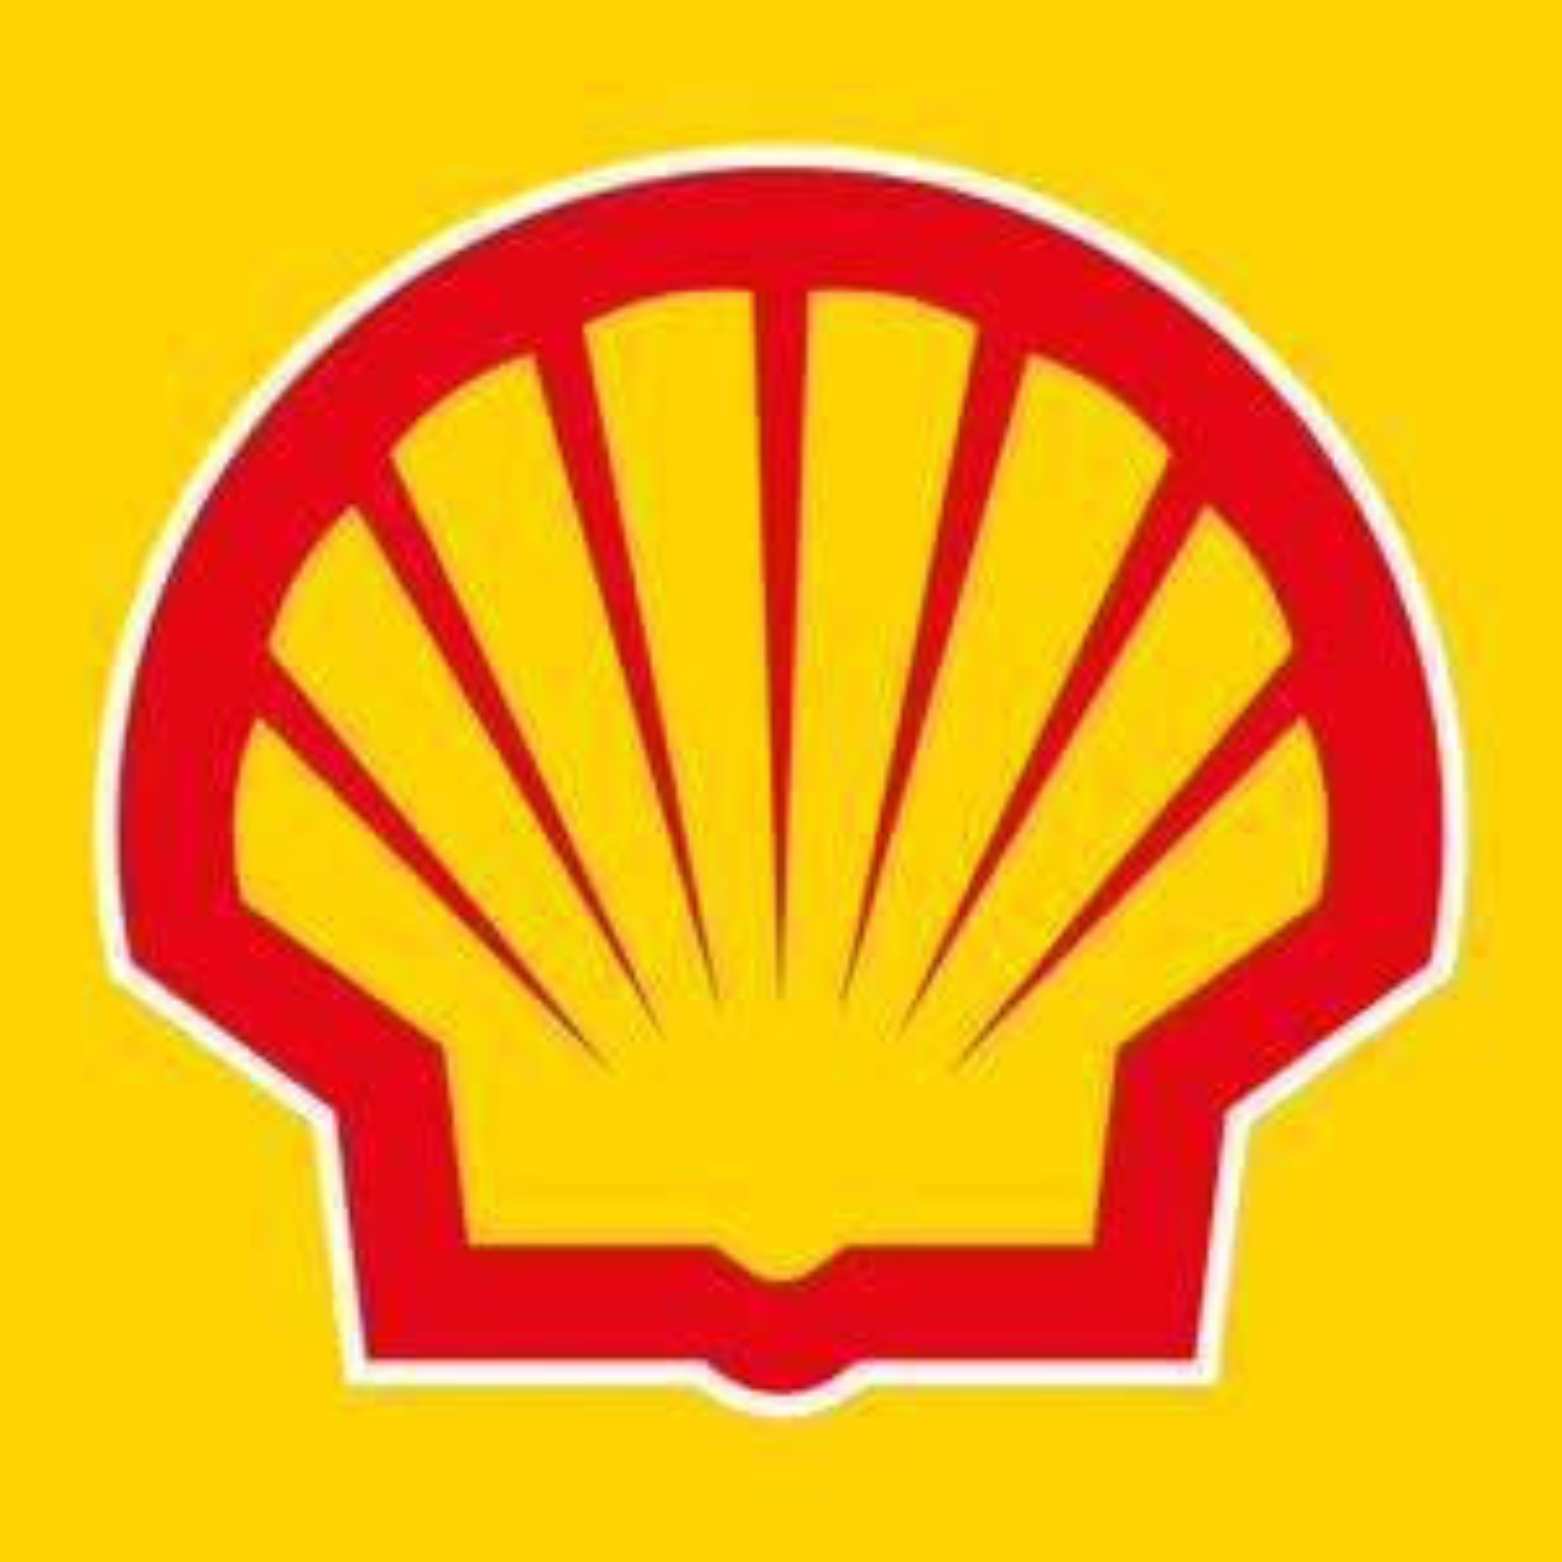 Bis zu 50% sparen auf Shell Autowäsche + 5 Cent/Liter Rabattgutschein [Lokal Hamburg, Bremen, Schleswig-Holstein, Niedersachsen]